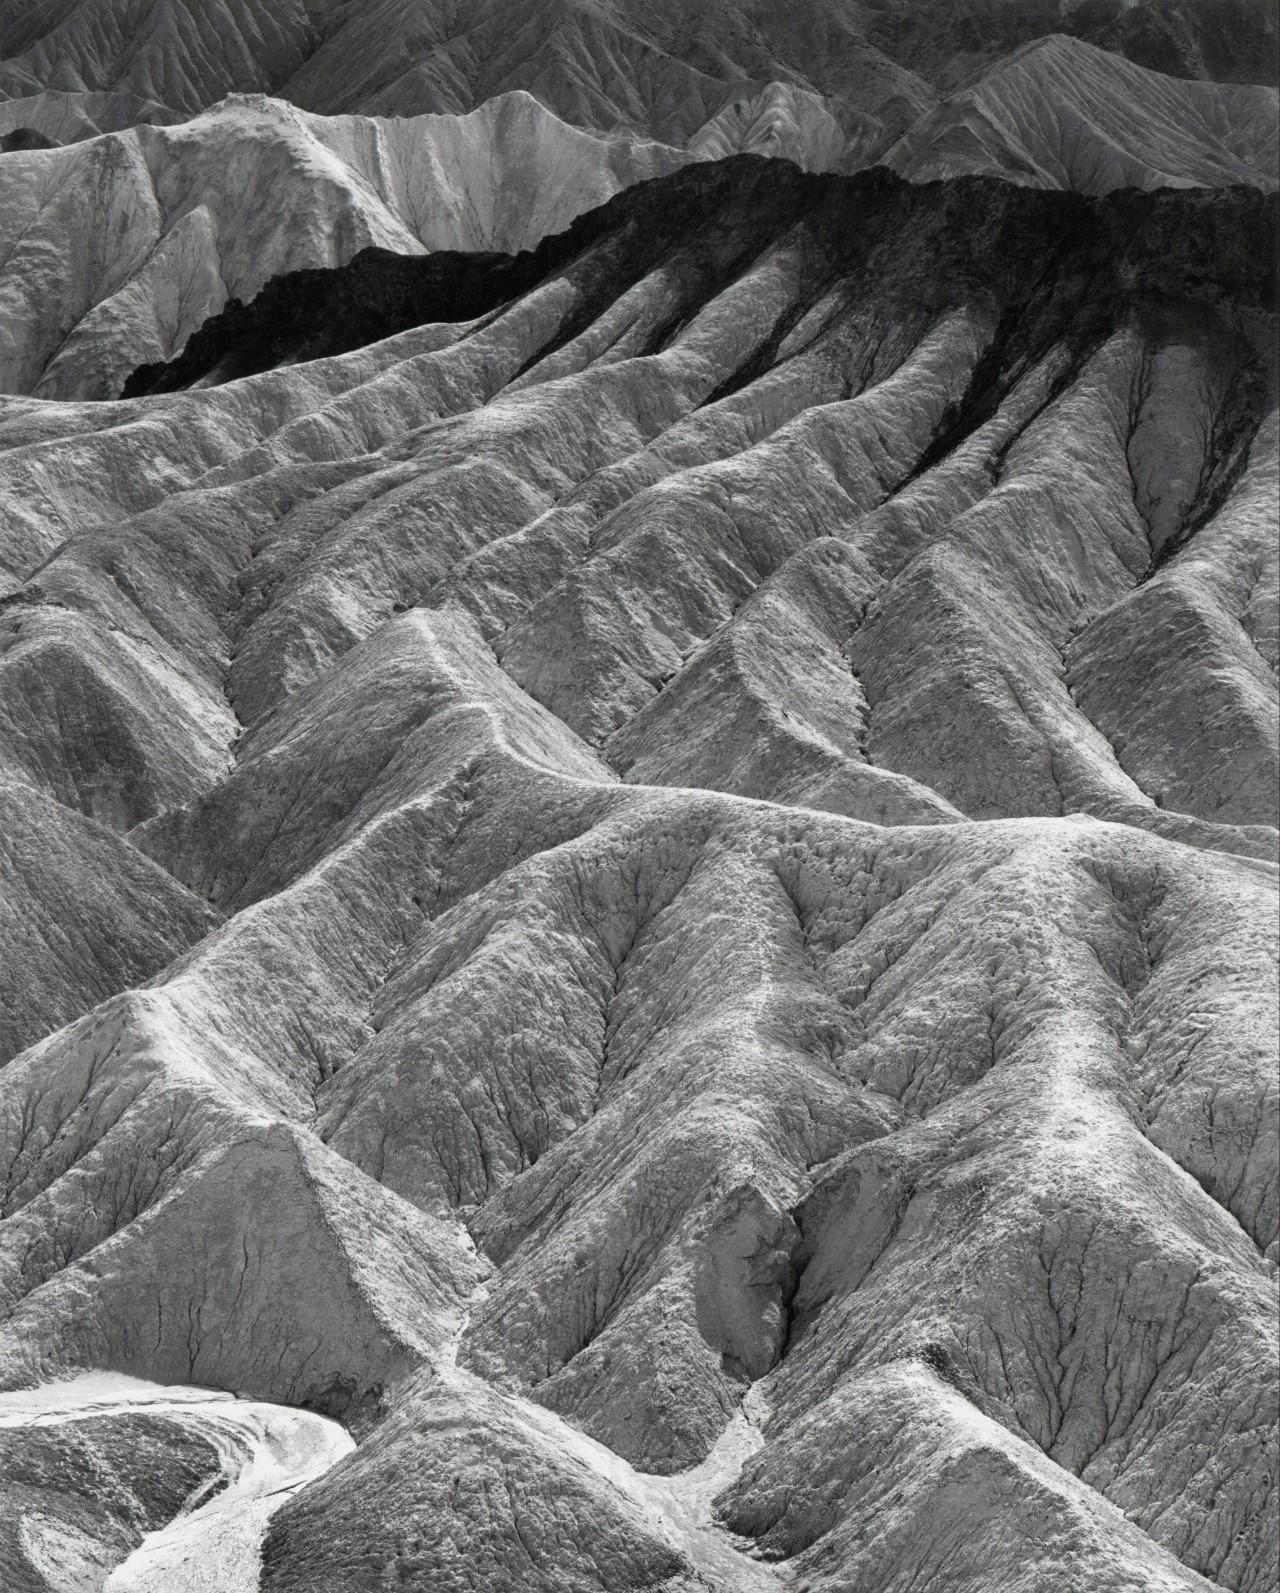 Забриски-Пойнт, Национальный парк Долина Смерти, Калифорния, 1942. Фотограф Энсел Адамс